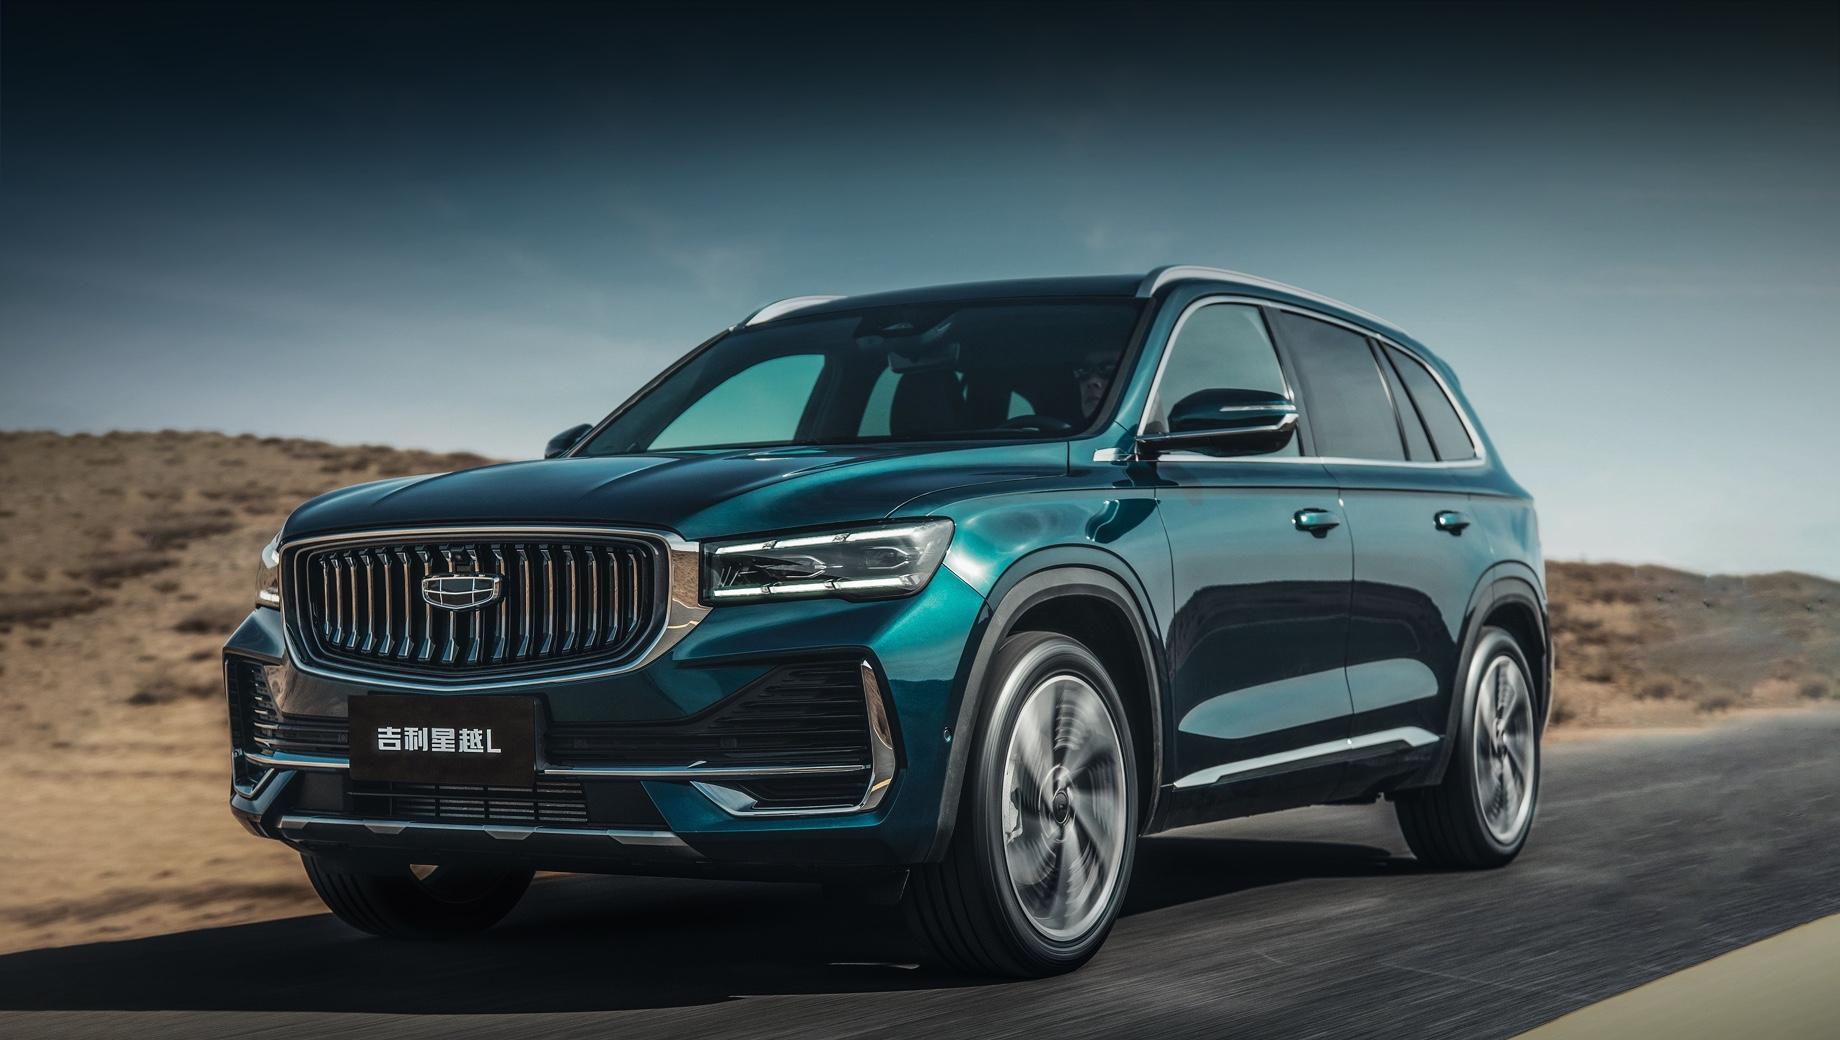 Geely kx11,Geely xingyue l. Литеру «L» китайцы толкуют по-английски: Larger, Luxury, Liberate («крупнее», «роскошь», «освобождать»). Вогнутая решётка напоминает о Volvo XC90. Светодиодные фары — матричные. По размерам «элька» отстаёт от Haoyue: 4770×1895×1689 мм, колёсная база — 2845.